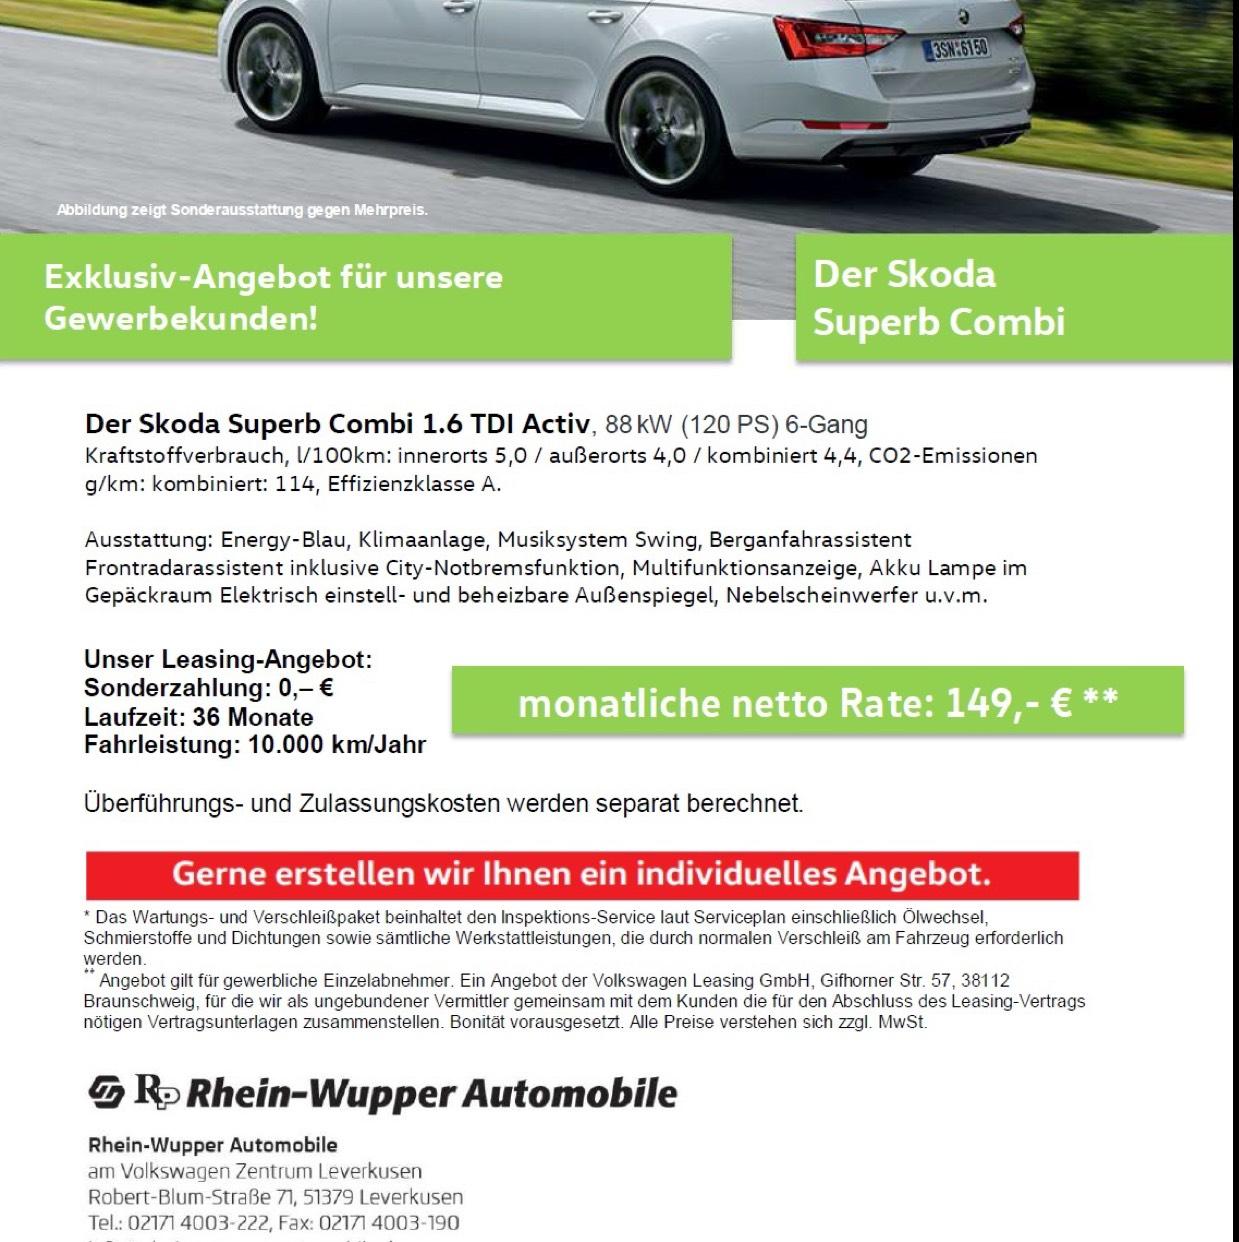 Skoda Superb Combi 1.6 tdi Activ 88 KW 6-Gang Geschäftskundenleasing (Lokal)